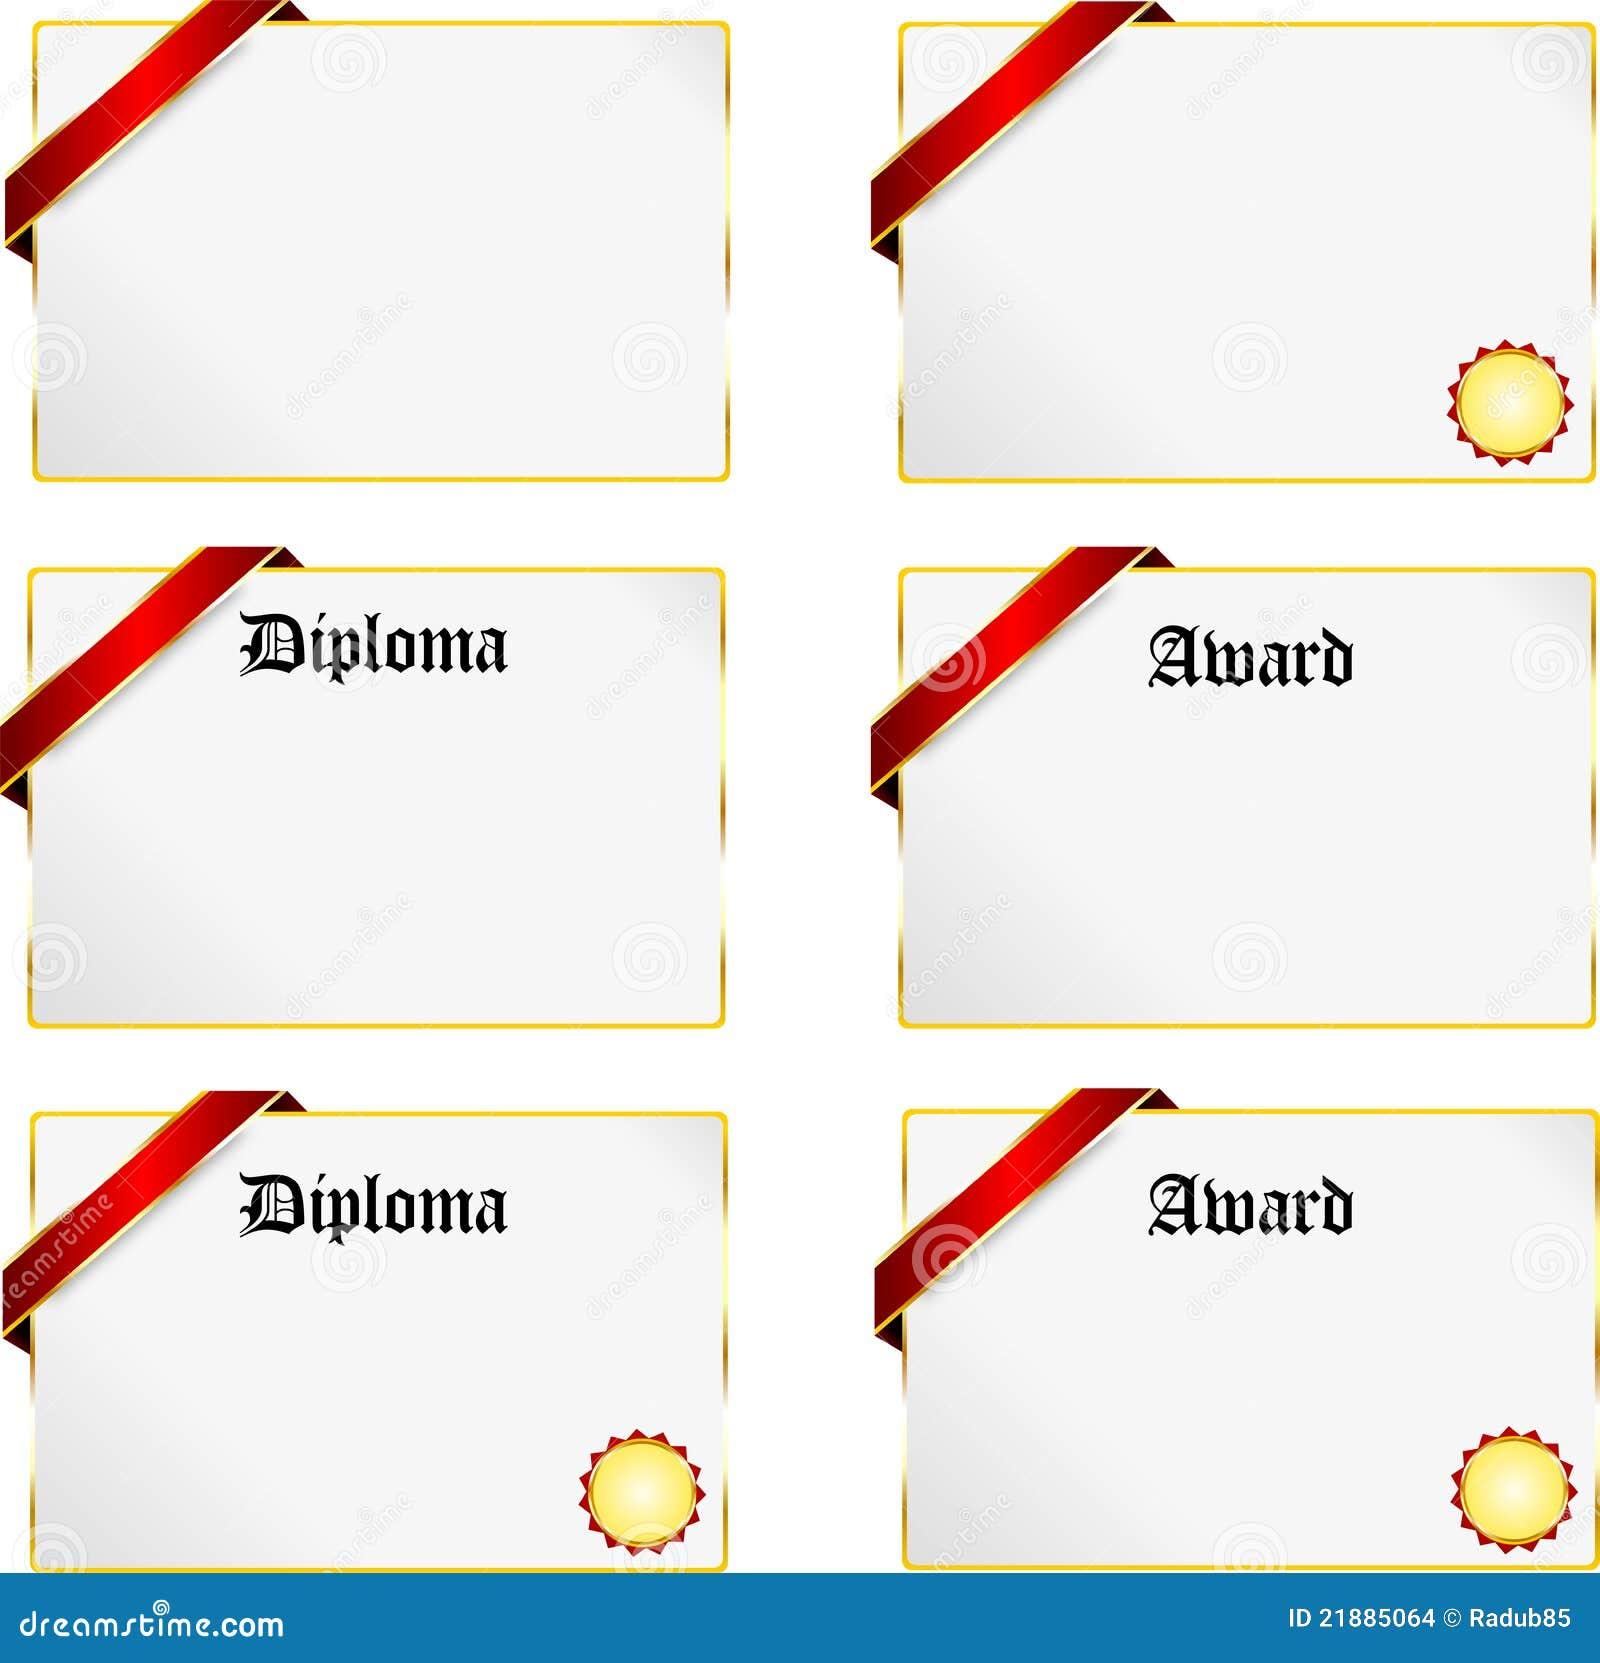 Diploma stock afbeeldingen afbeelding 21885064 - Geloofsbrieven ontwerp ...